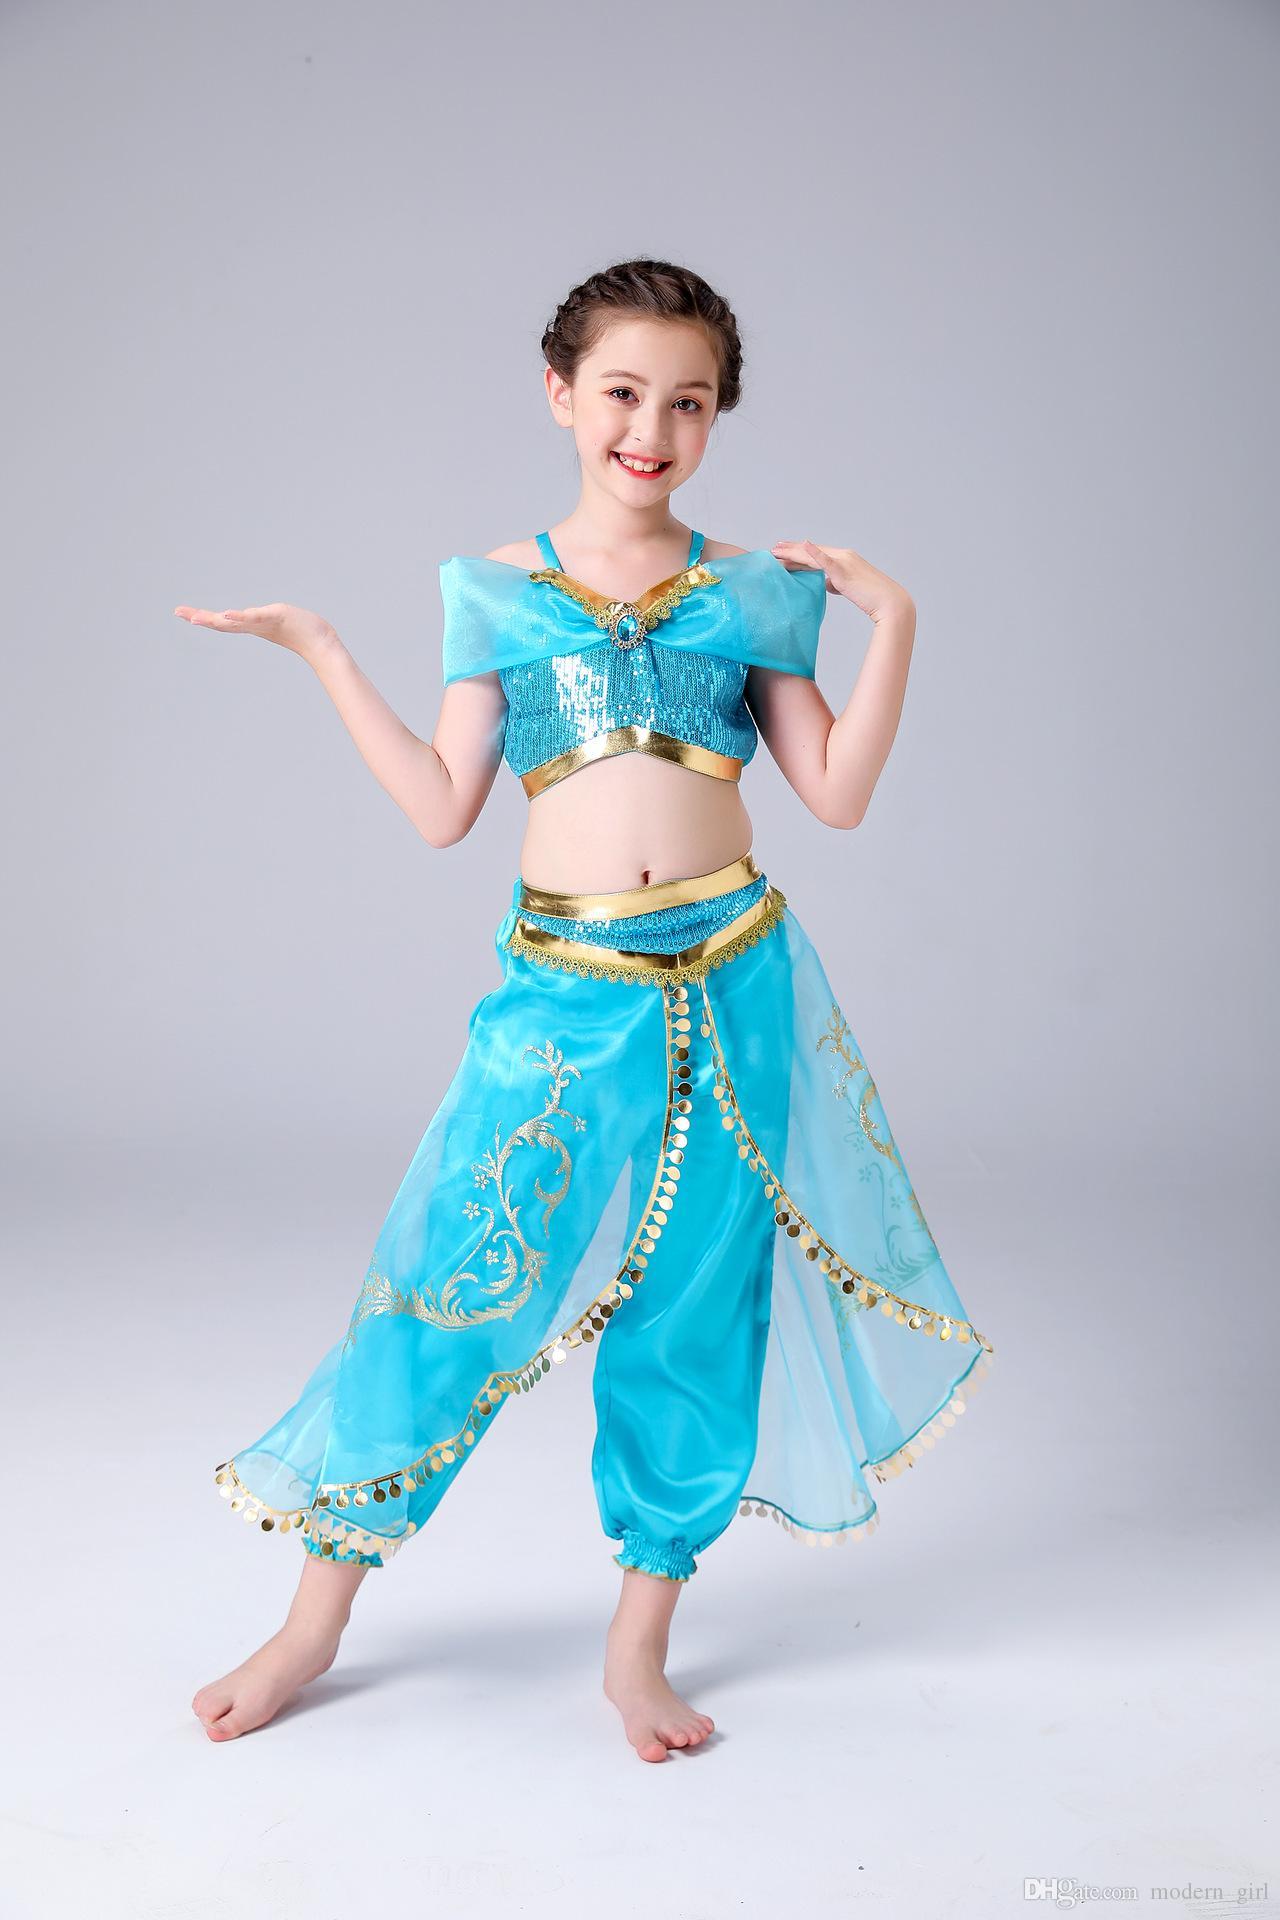 Latince kız pantolon elbise Göbek Giyim Çocuk prenses etek COS kostüm Avrupalı ve Amerikalı çocukların Noel iki parçalı takım elbise dans